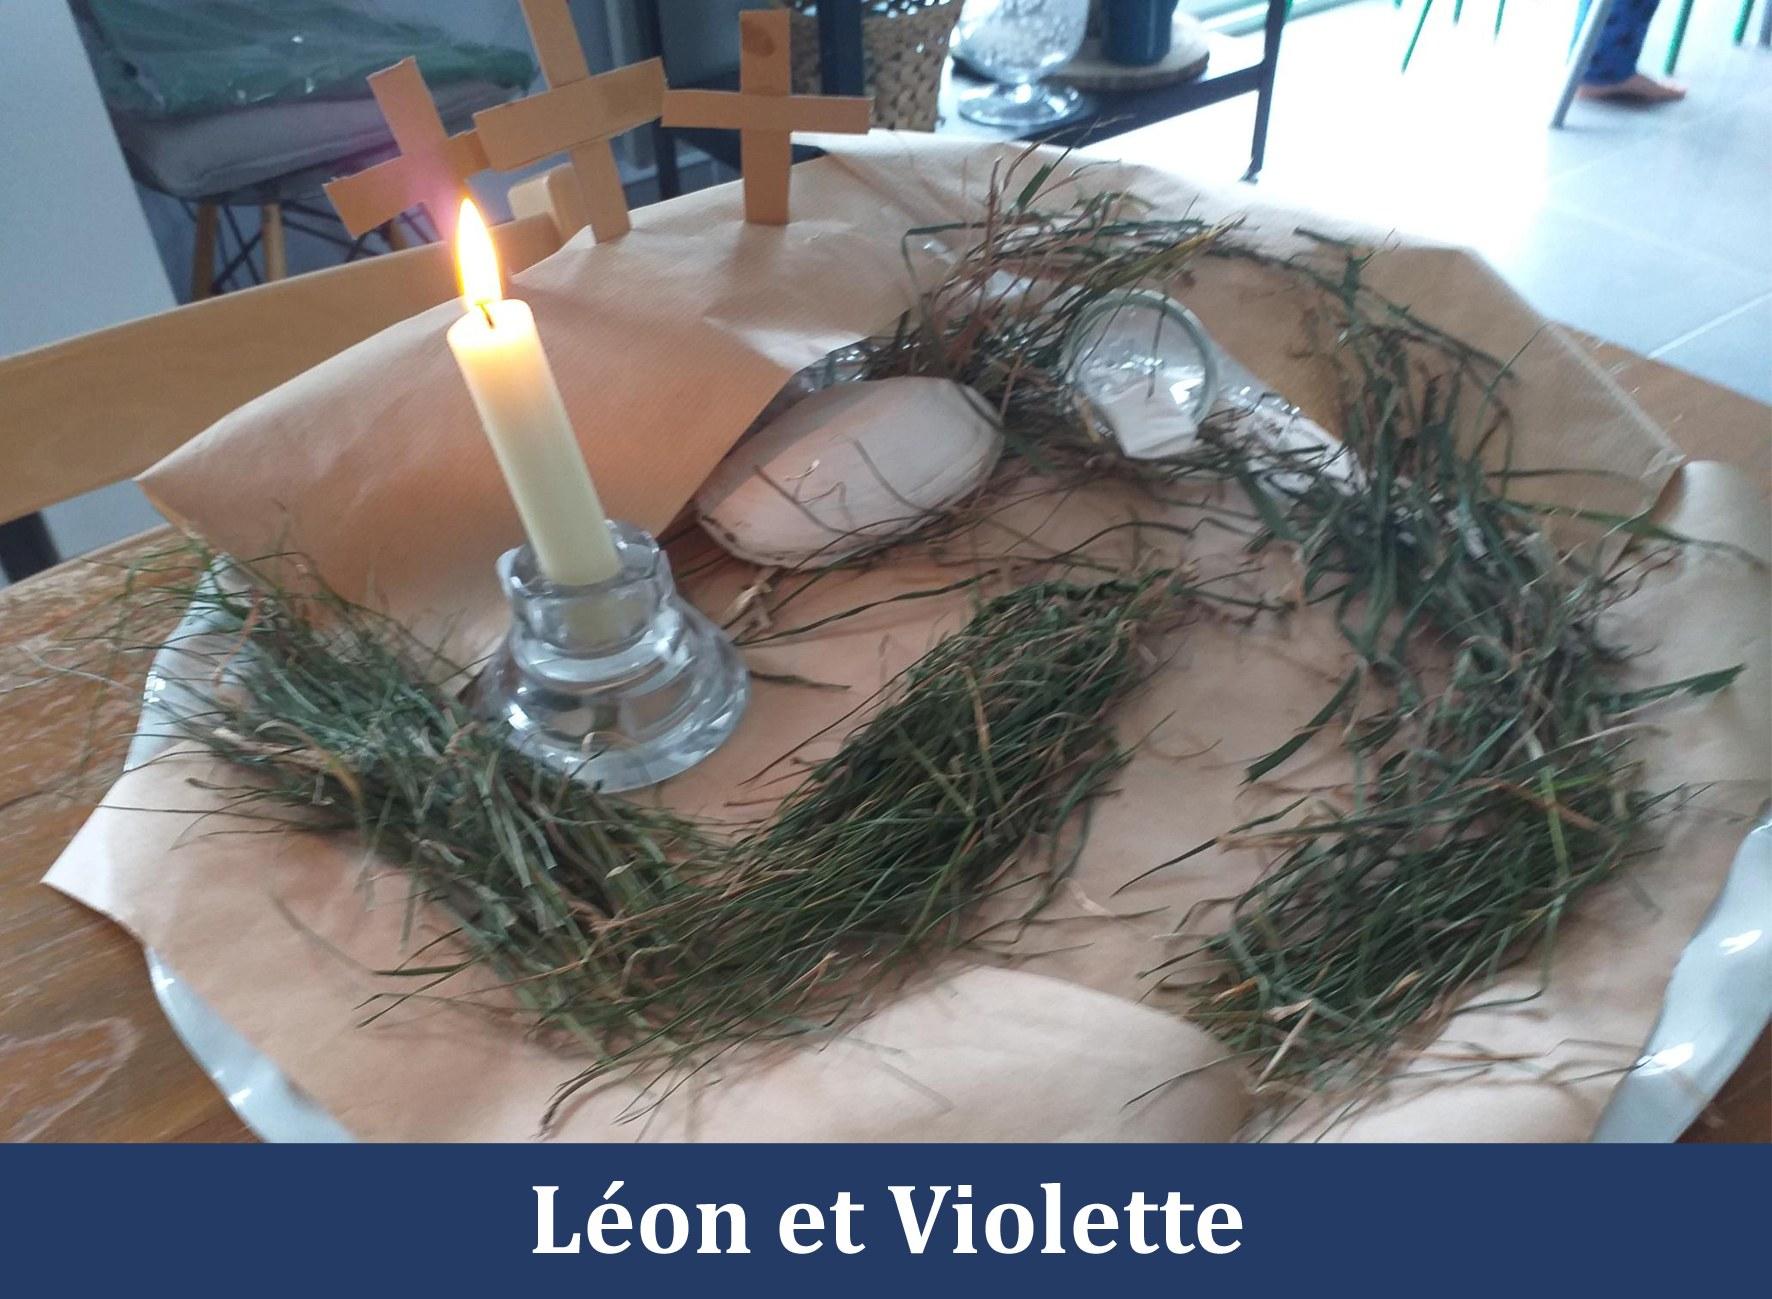 Jardin_Paques_2021 Leon et Violette